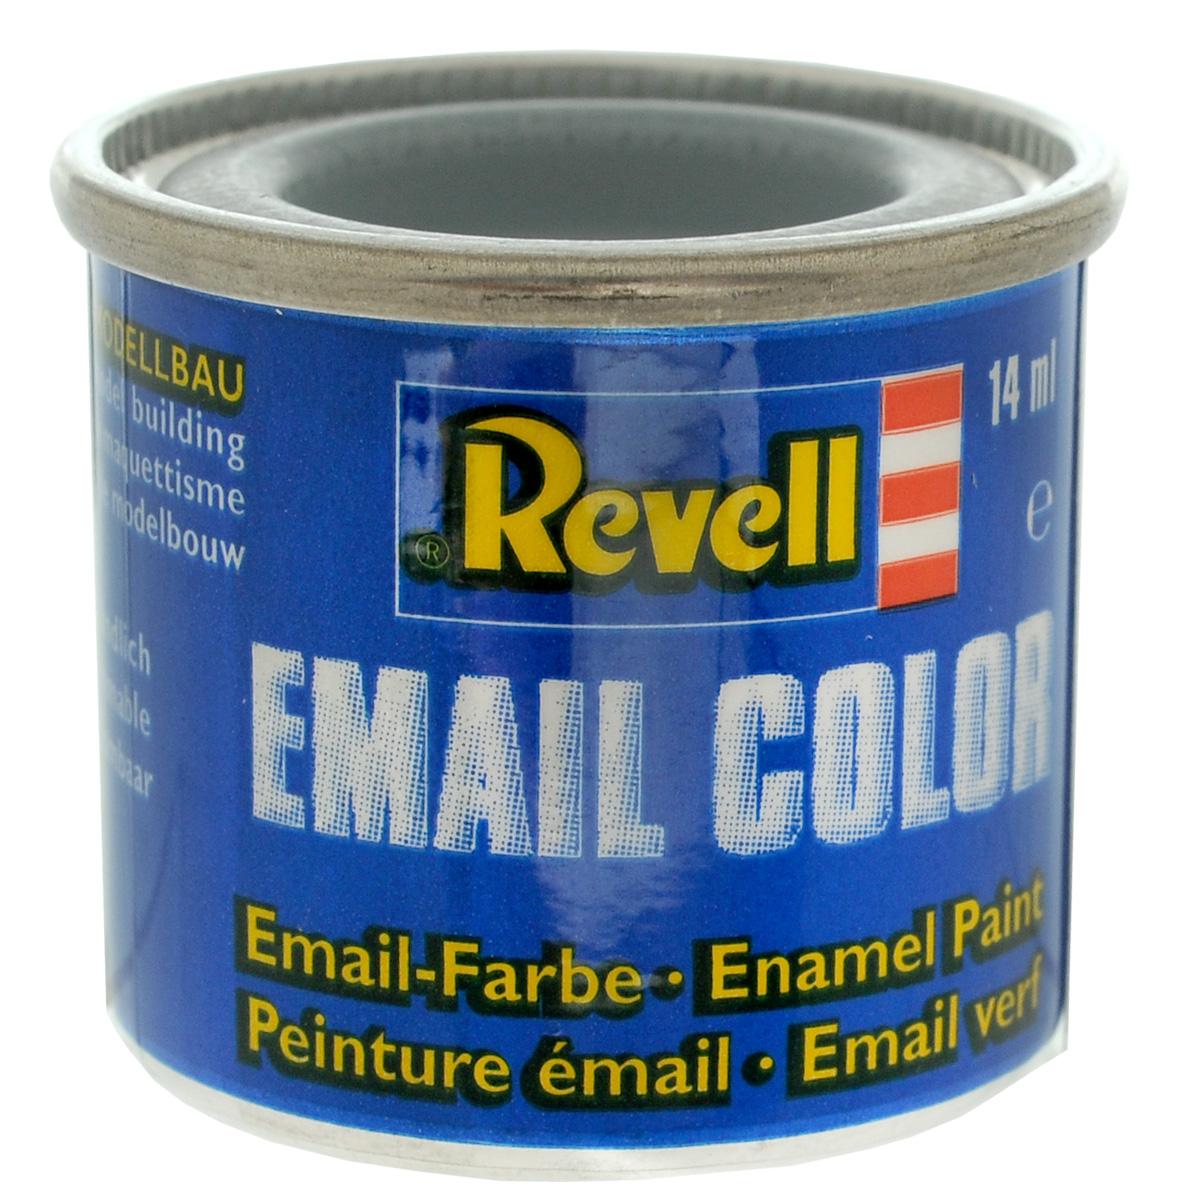 Revell Краска для моделей матовая №76 цвет светло-серый 14 мл32176Матовая краска Revell светло-серого цвета широко используется для окраски сборных моделей машин, кораблей и самолетов. После полного высыхания базового покрытия можно наносить узор с помощью других цветных красок. Краска упакована в металлическую баночку, плотно закрывающуюся крышкой, что позволяет избежать высыхания краски. Объем краски: 14 мл.